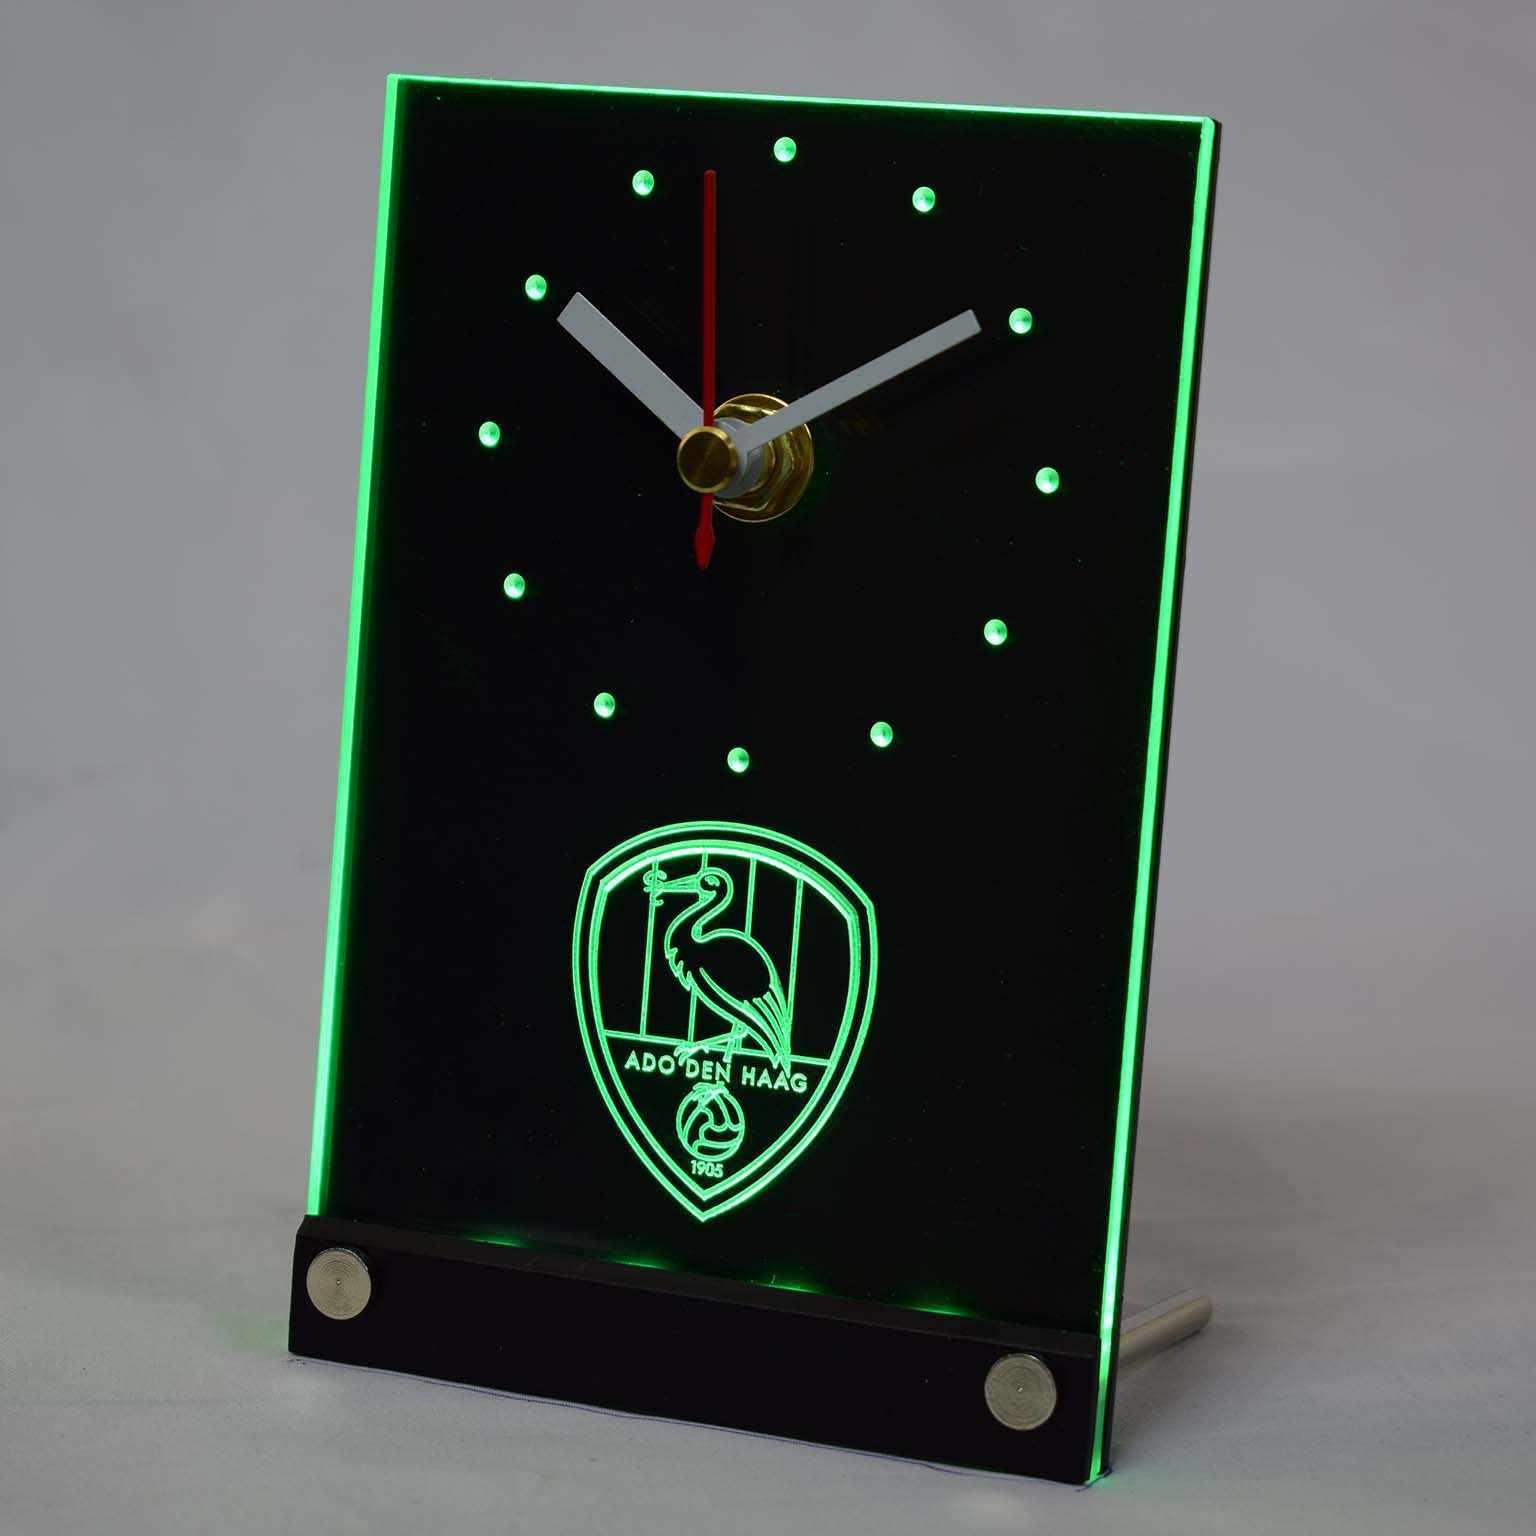 Tnc1006 Ado Den Haag Eredivisie 3d Led Table Desk Clock 3d Led Clock 3d Clockclock 3d Aliexpress